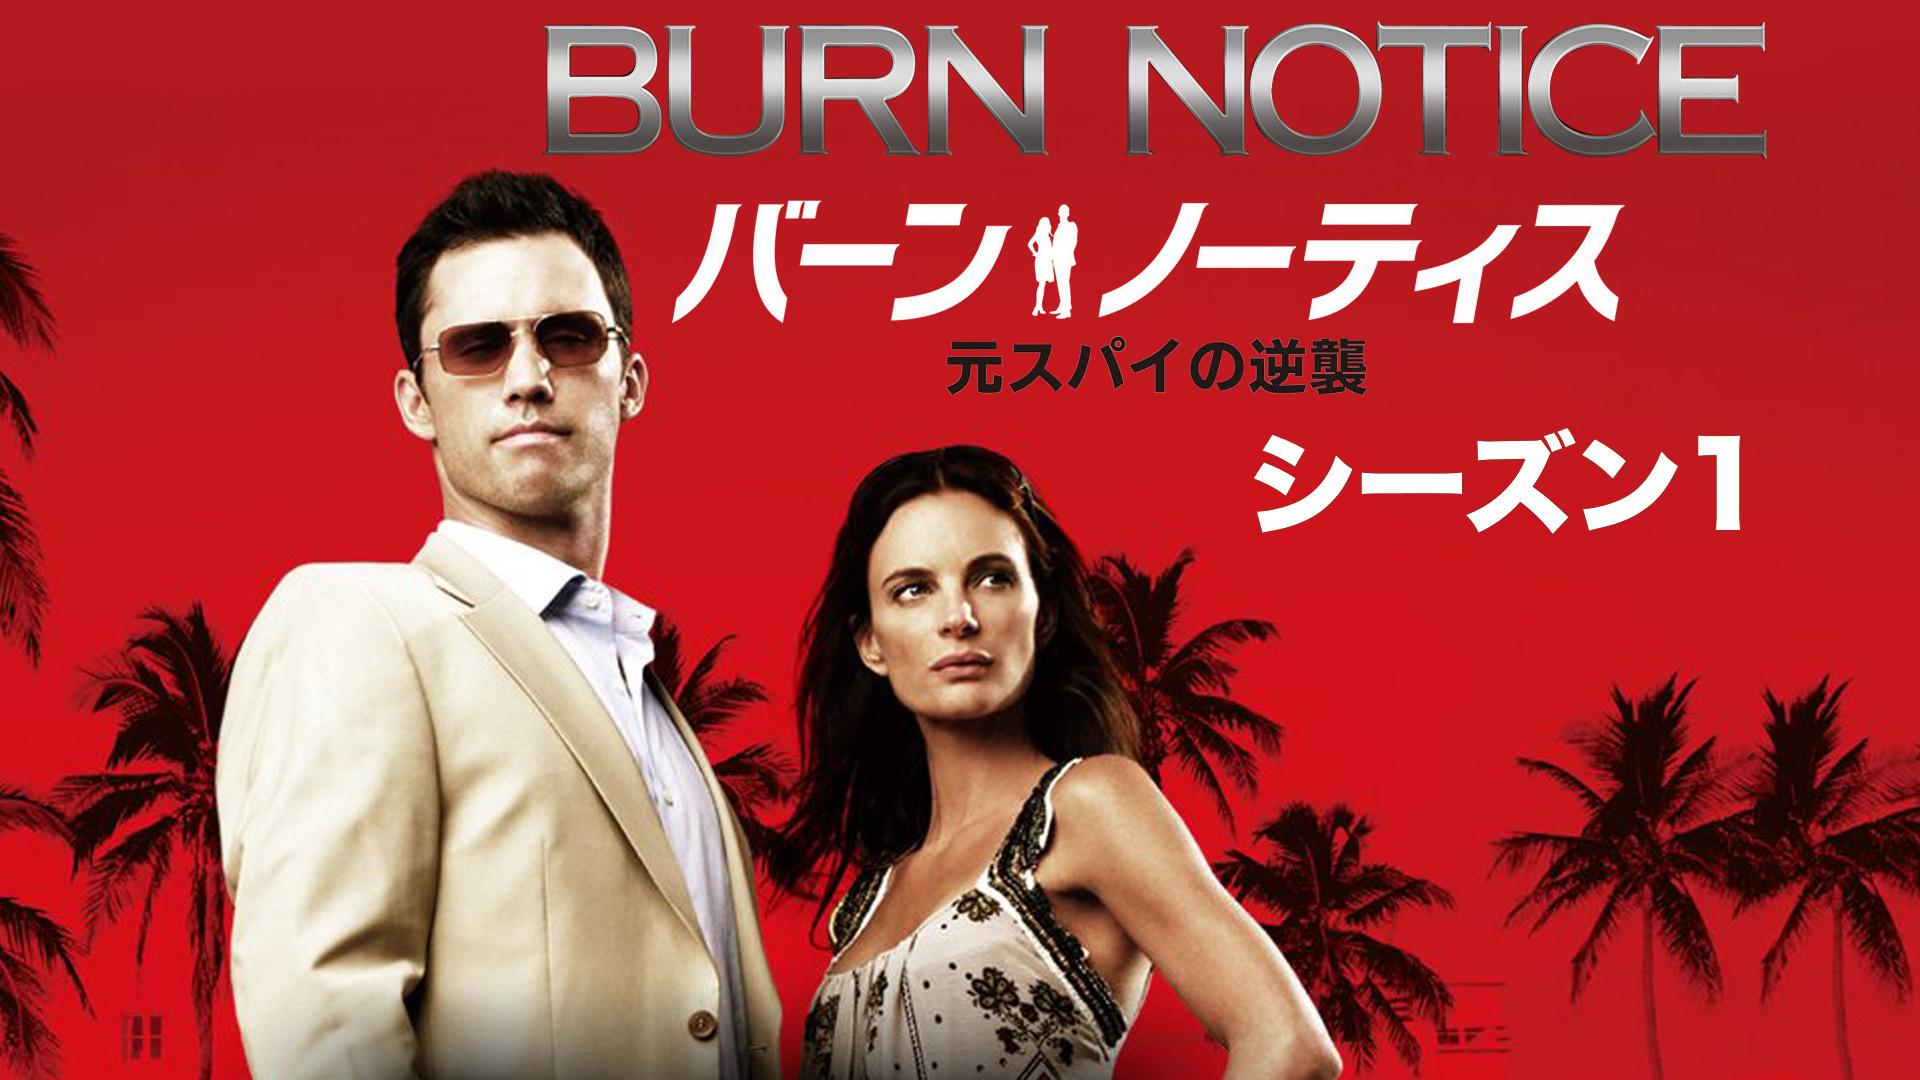 バーン・ノーティス 元スパイの逆襲 シーズン1 (字幕版)